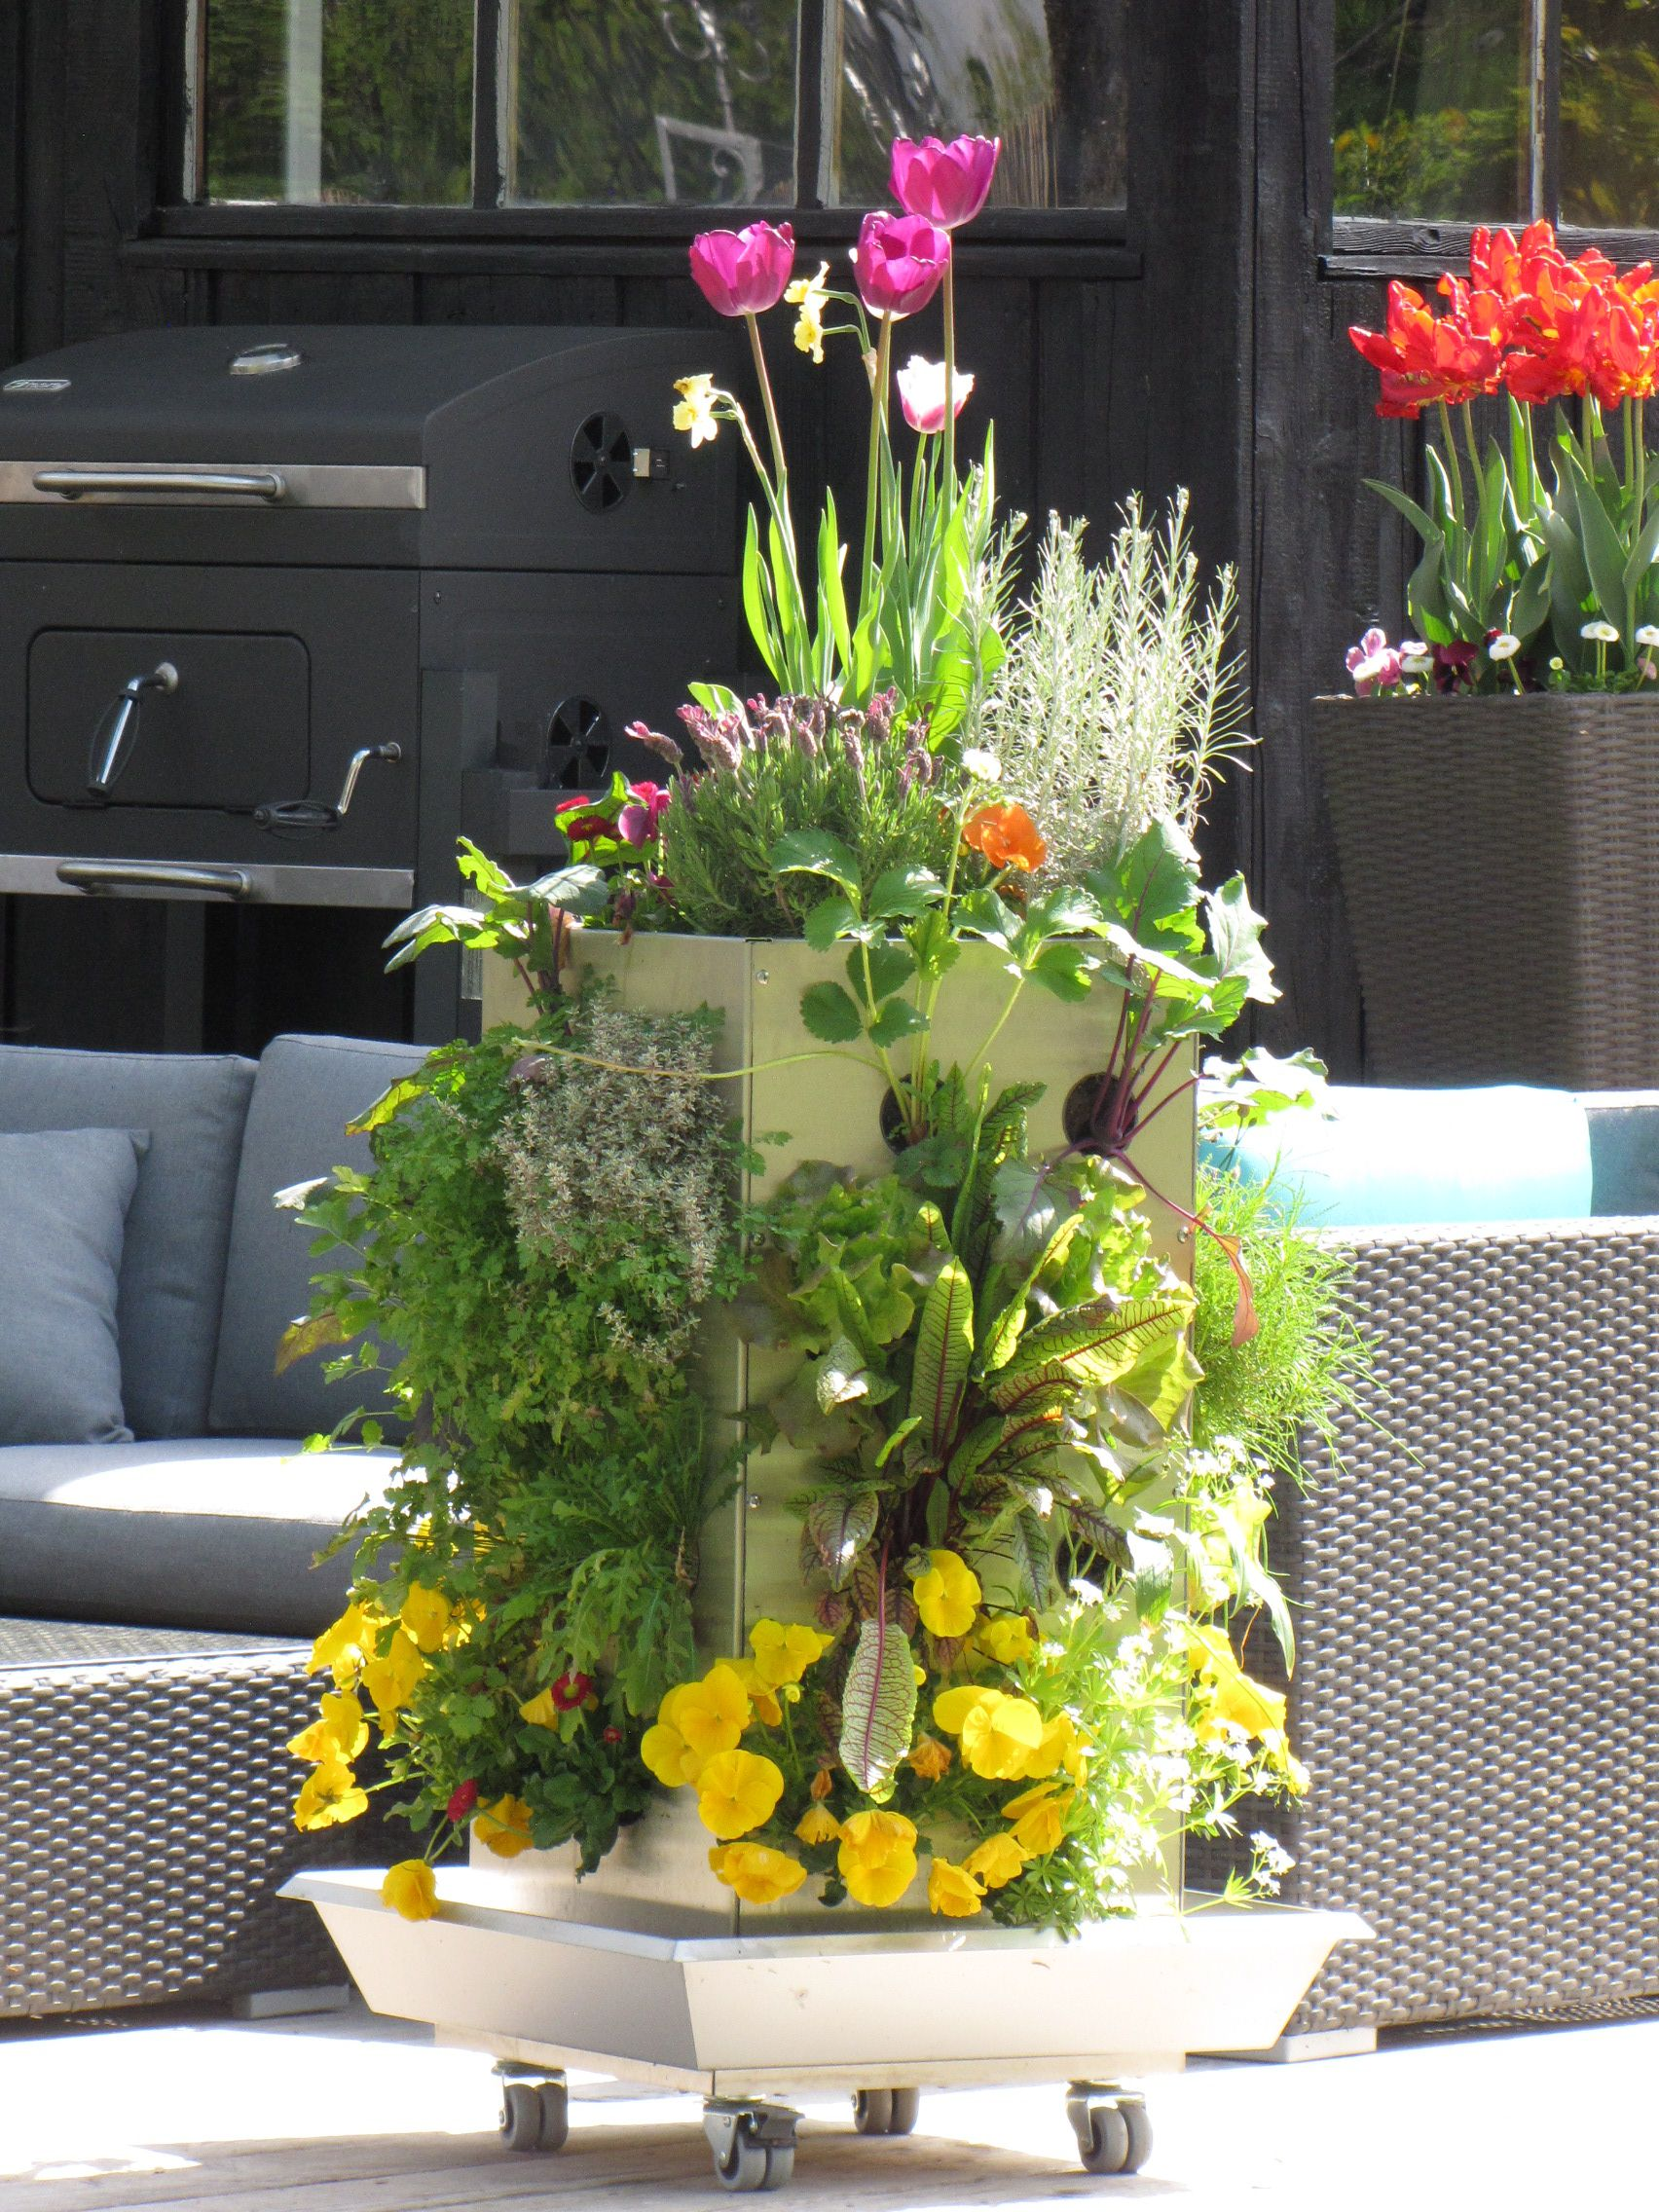 kubi ttg f r balkon und terrasse mit integriertem kompostiersystem und wasserspeicher. Black Bedroom Furniture Sets. Home Design Ideas